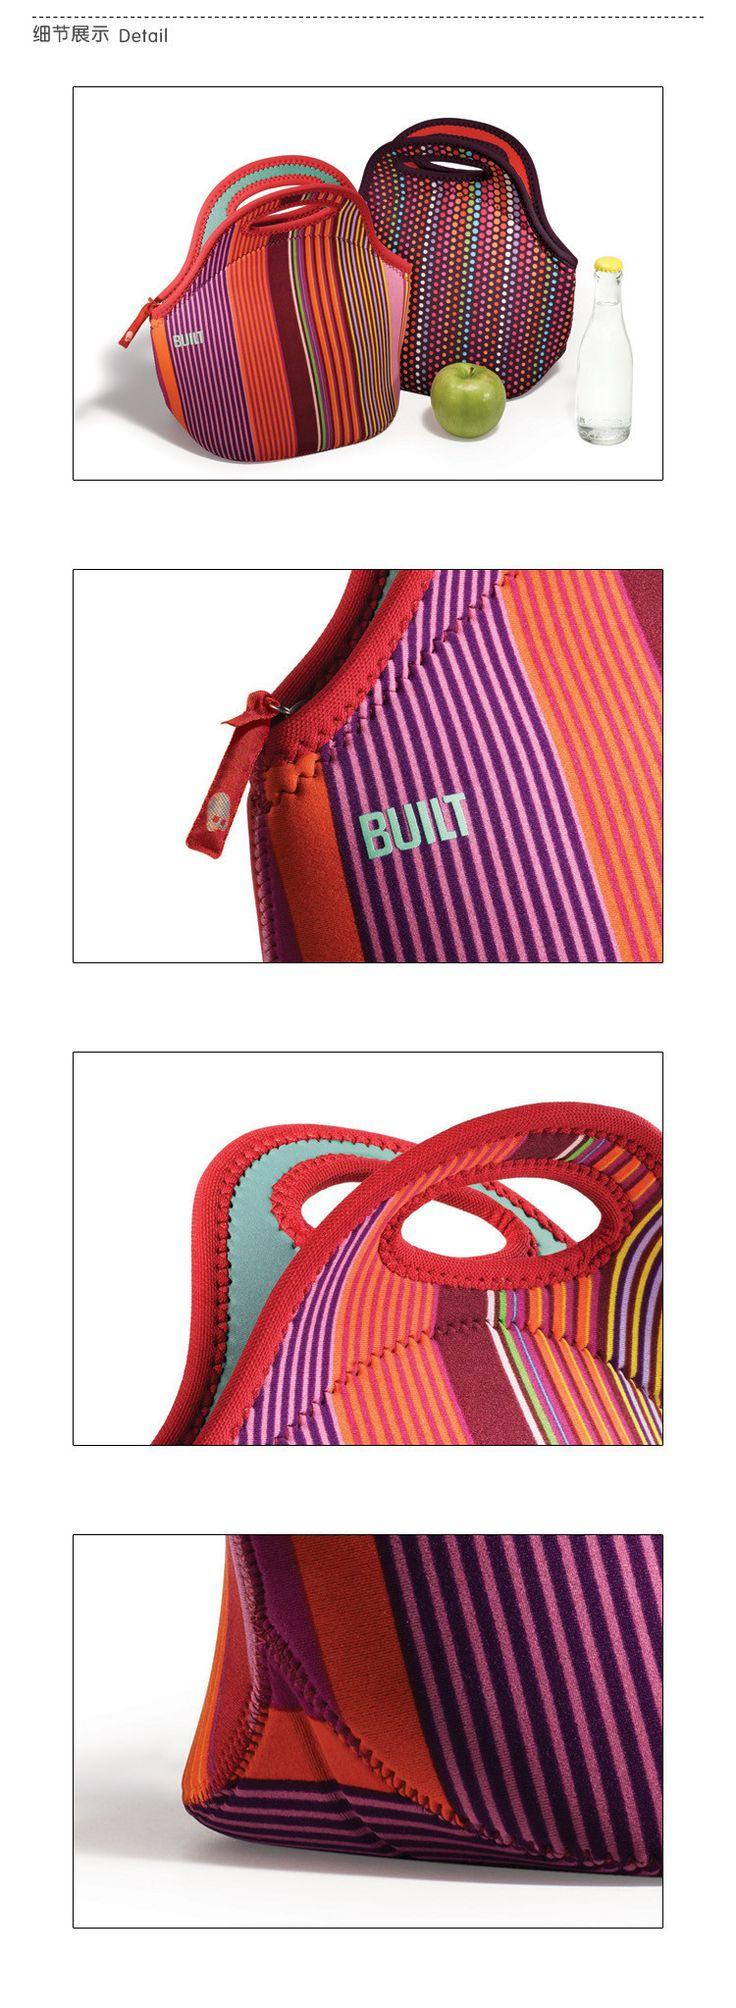 2015 новый бренд встроенный женщины сумка многоцветный Bolsas Femininas и обед мешок и Bolsa Termica и maleta де maquiagem купить на AliExpress